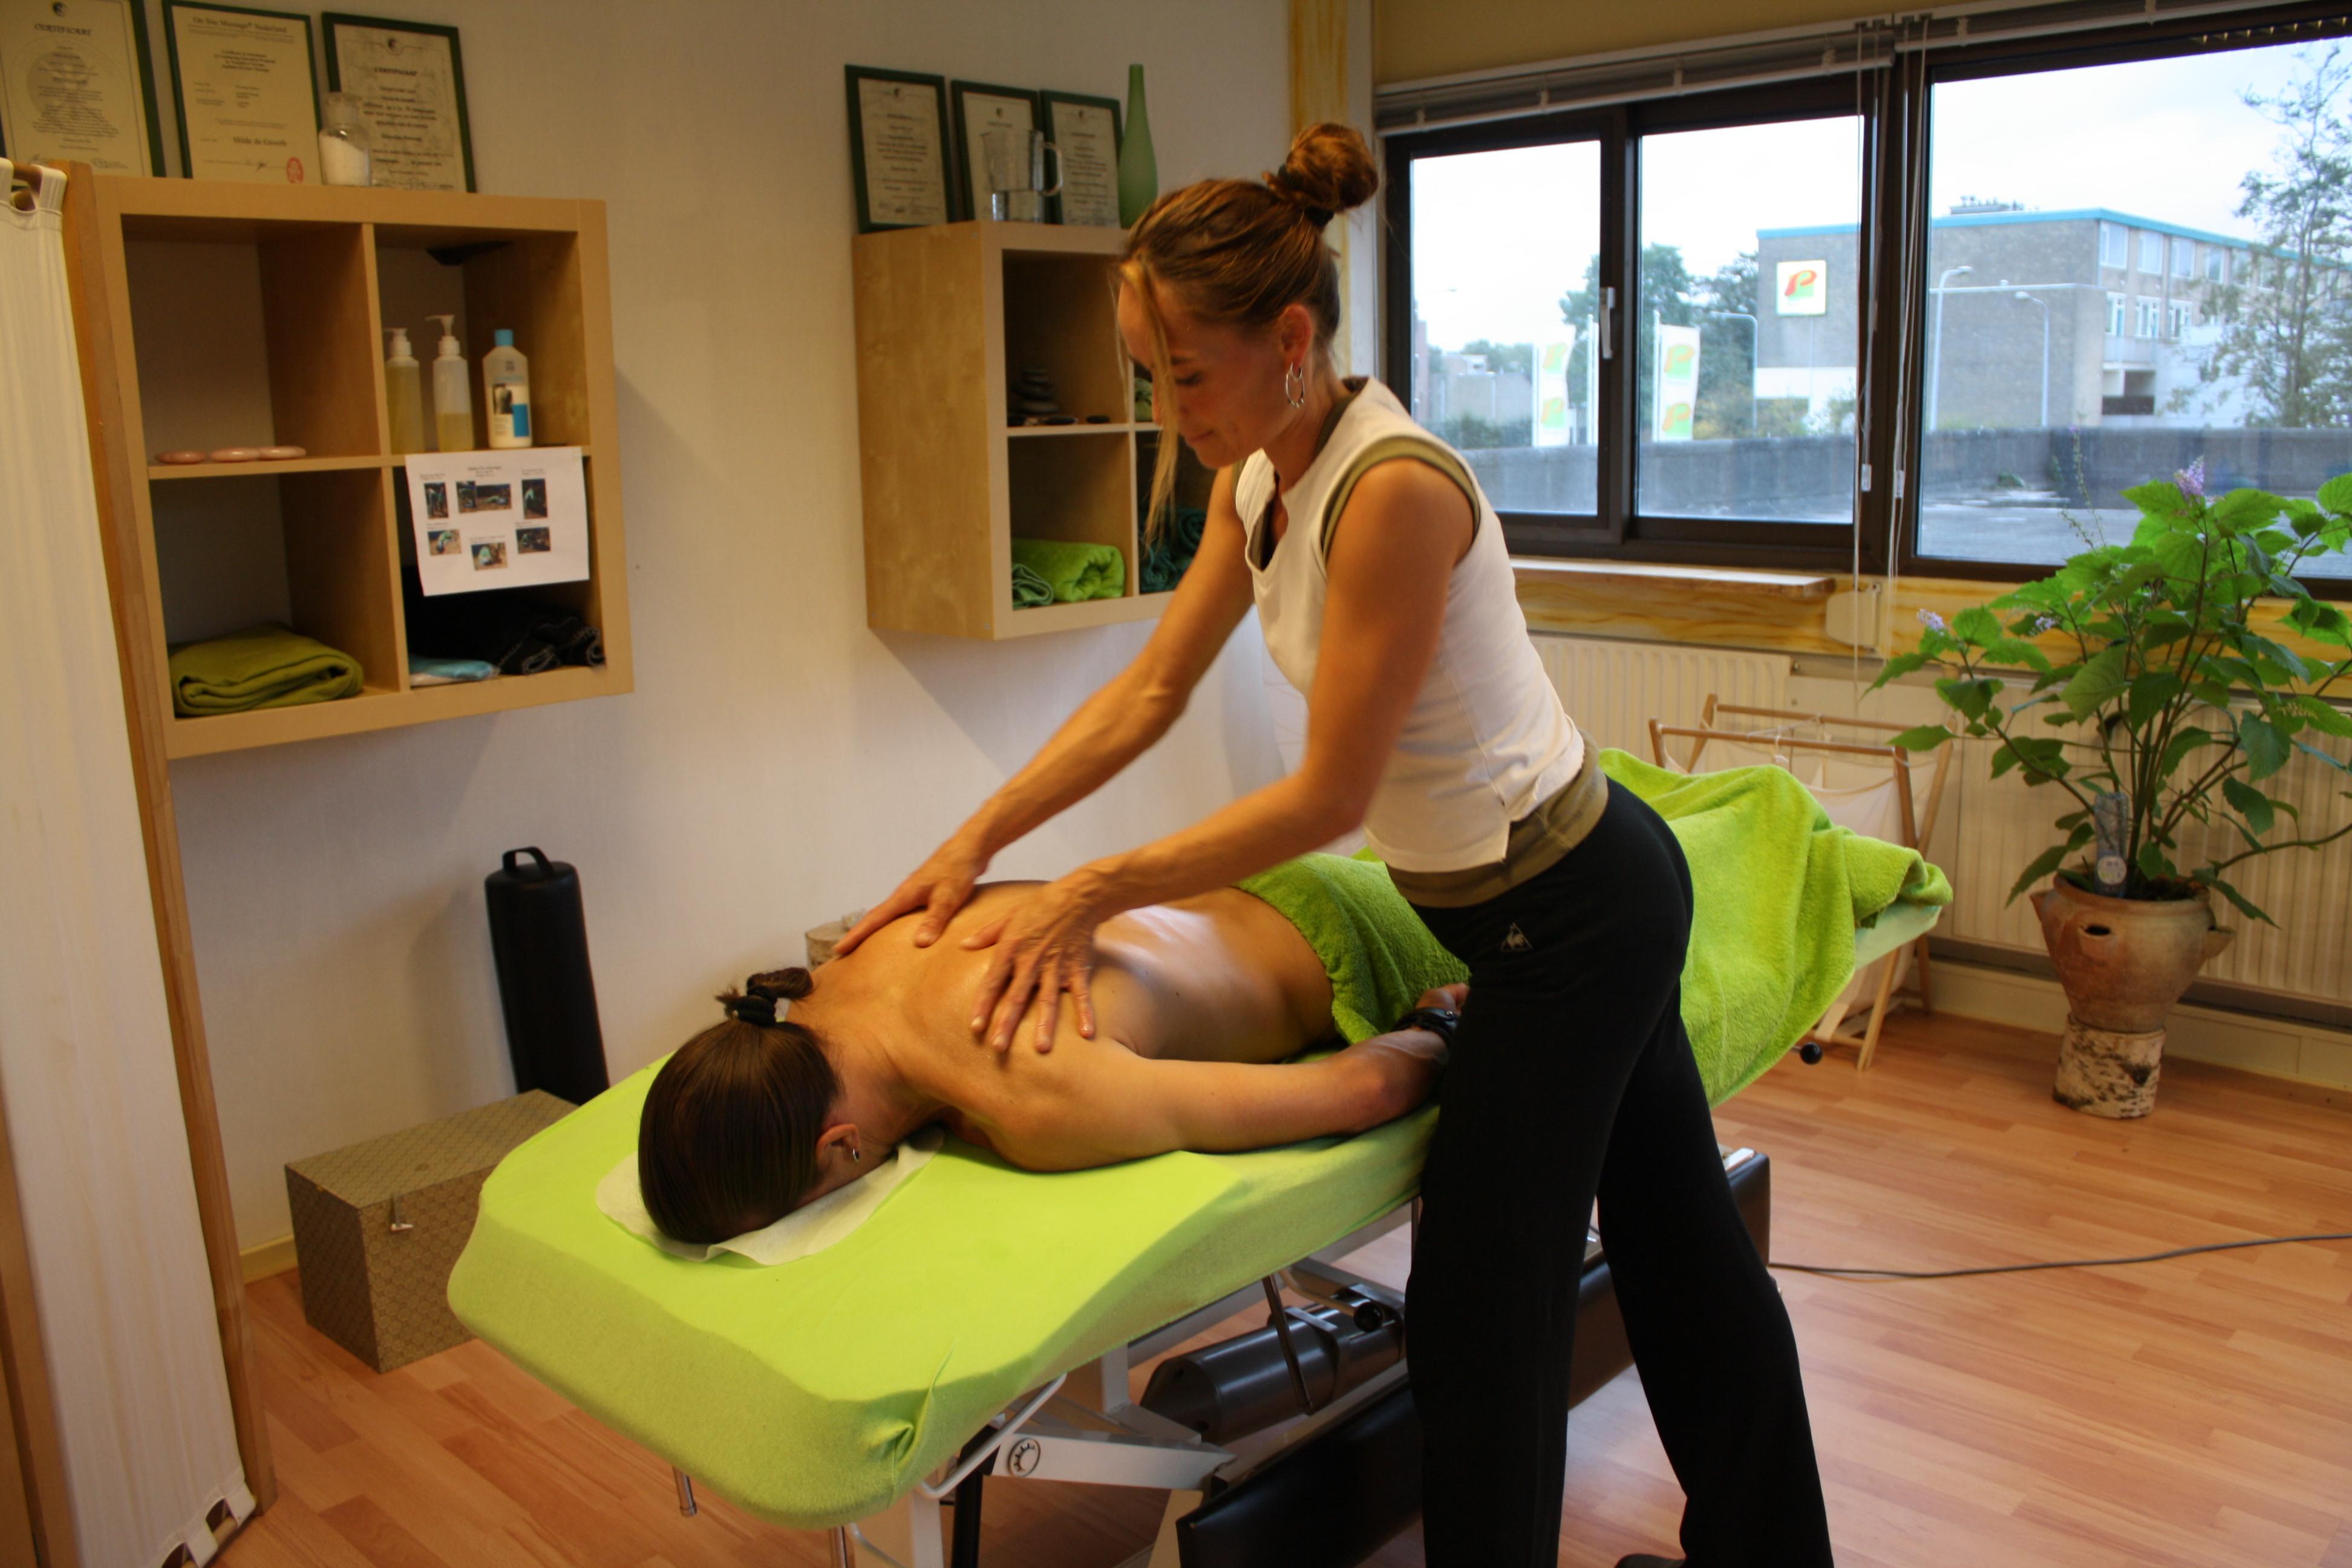 Maar Zonder Kleren Dan Massage-47107